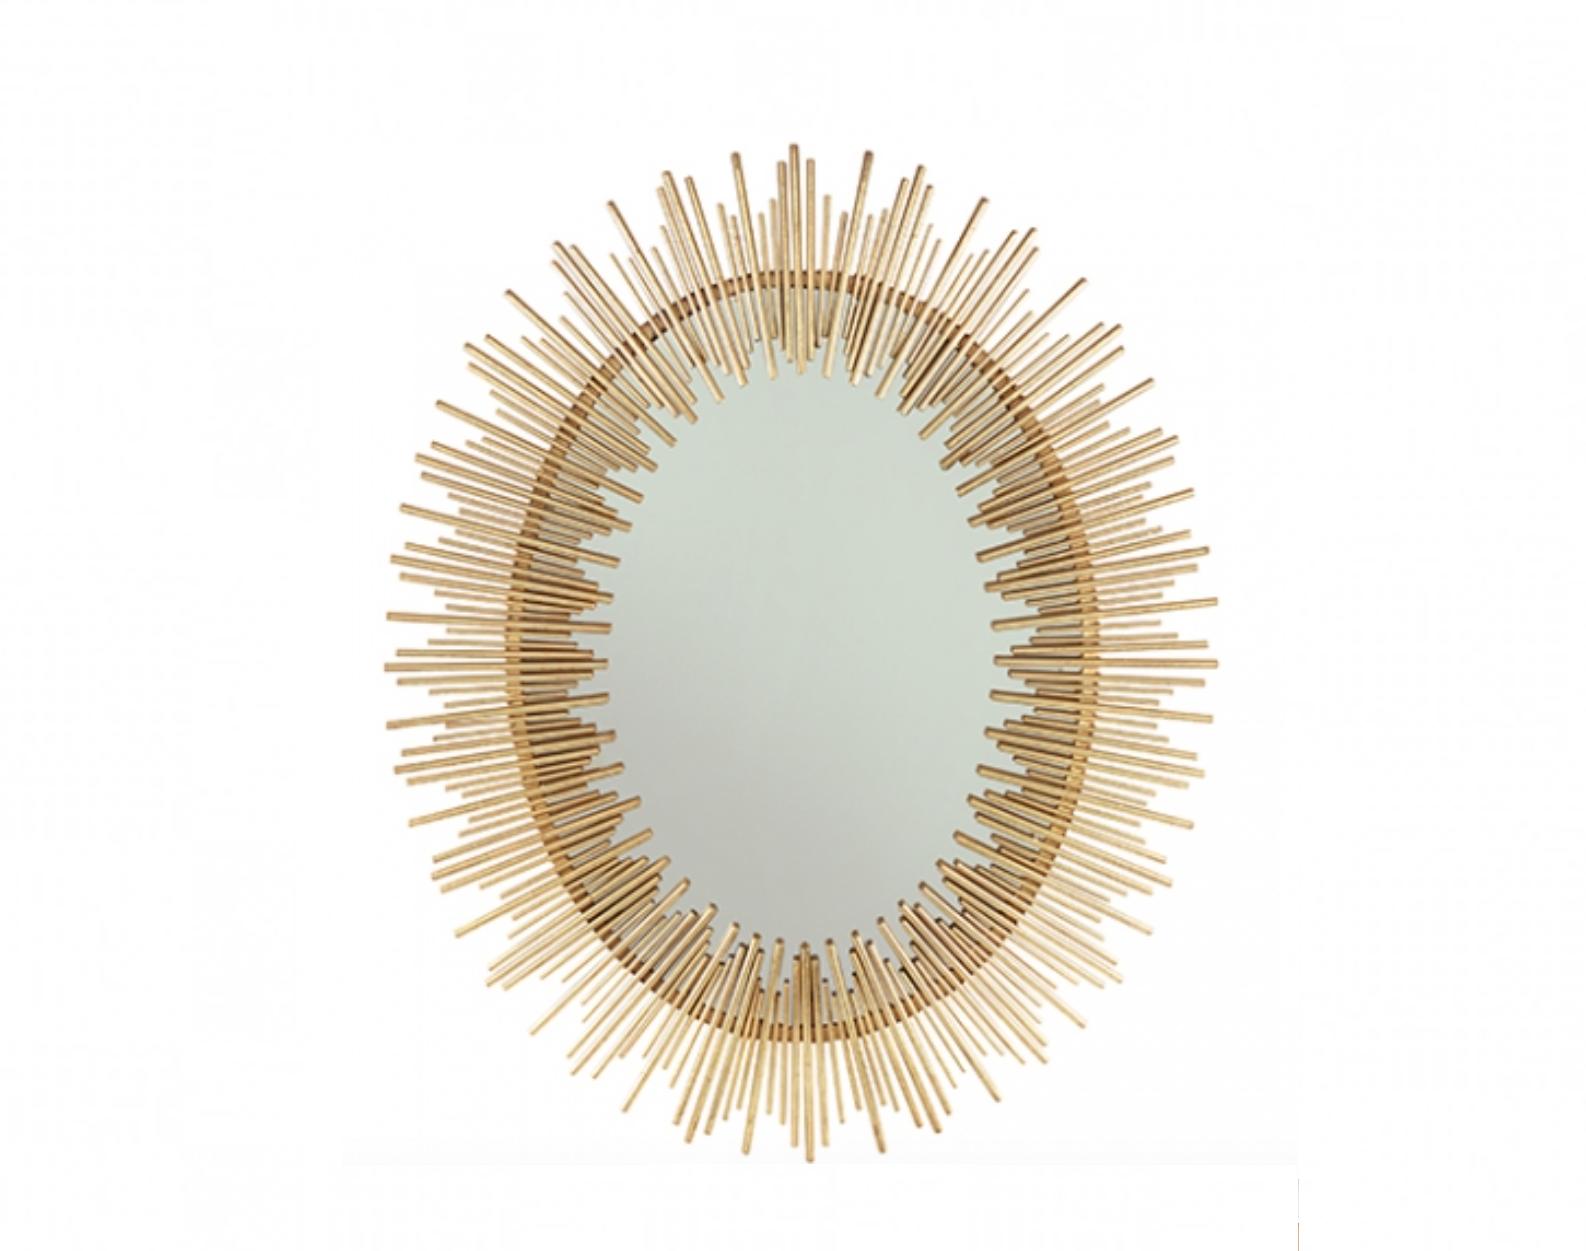 Golden Mirror Fortune - H106 cm